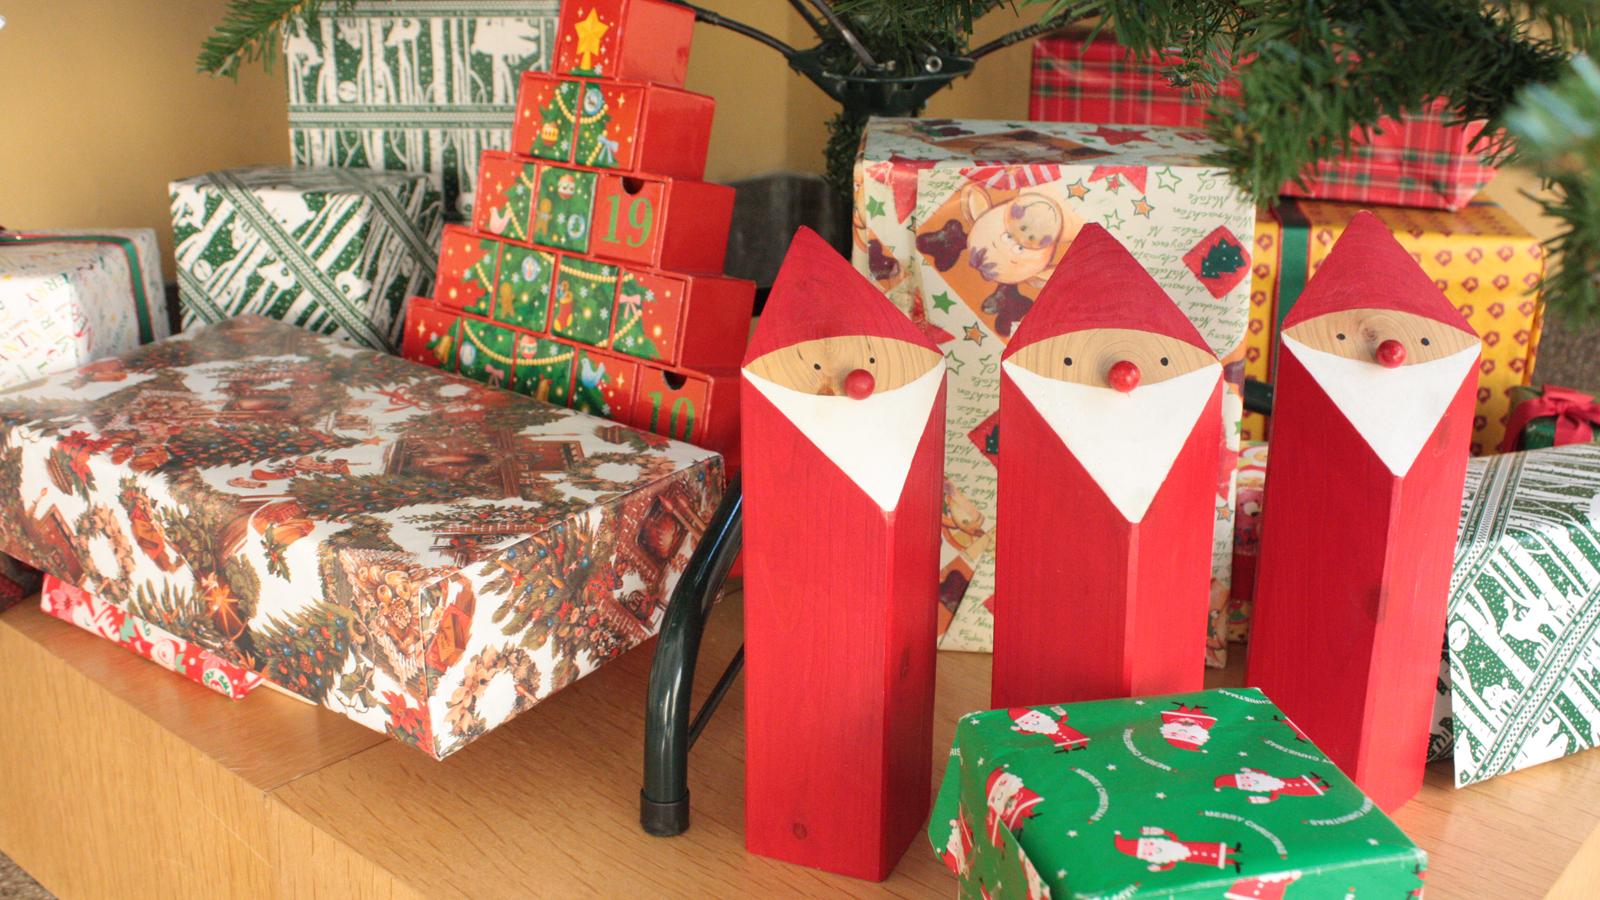 クリスマス会のプレゼント交換におすすめ! 東京おもちゃ美術館スタッフが選ぶ予算1000円おもちゃ4選